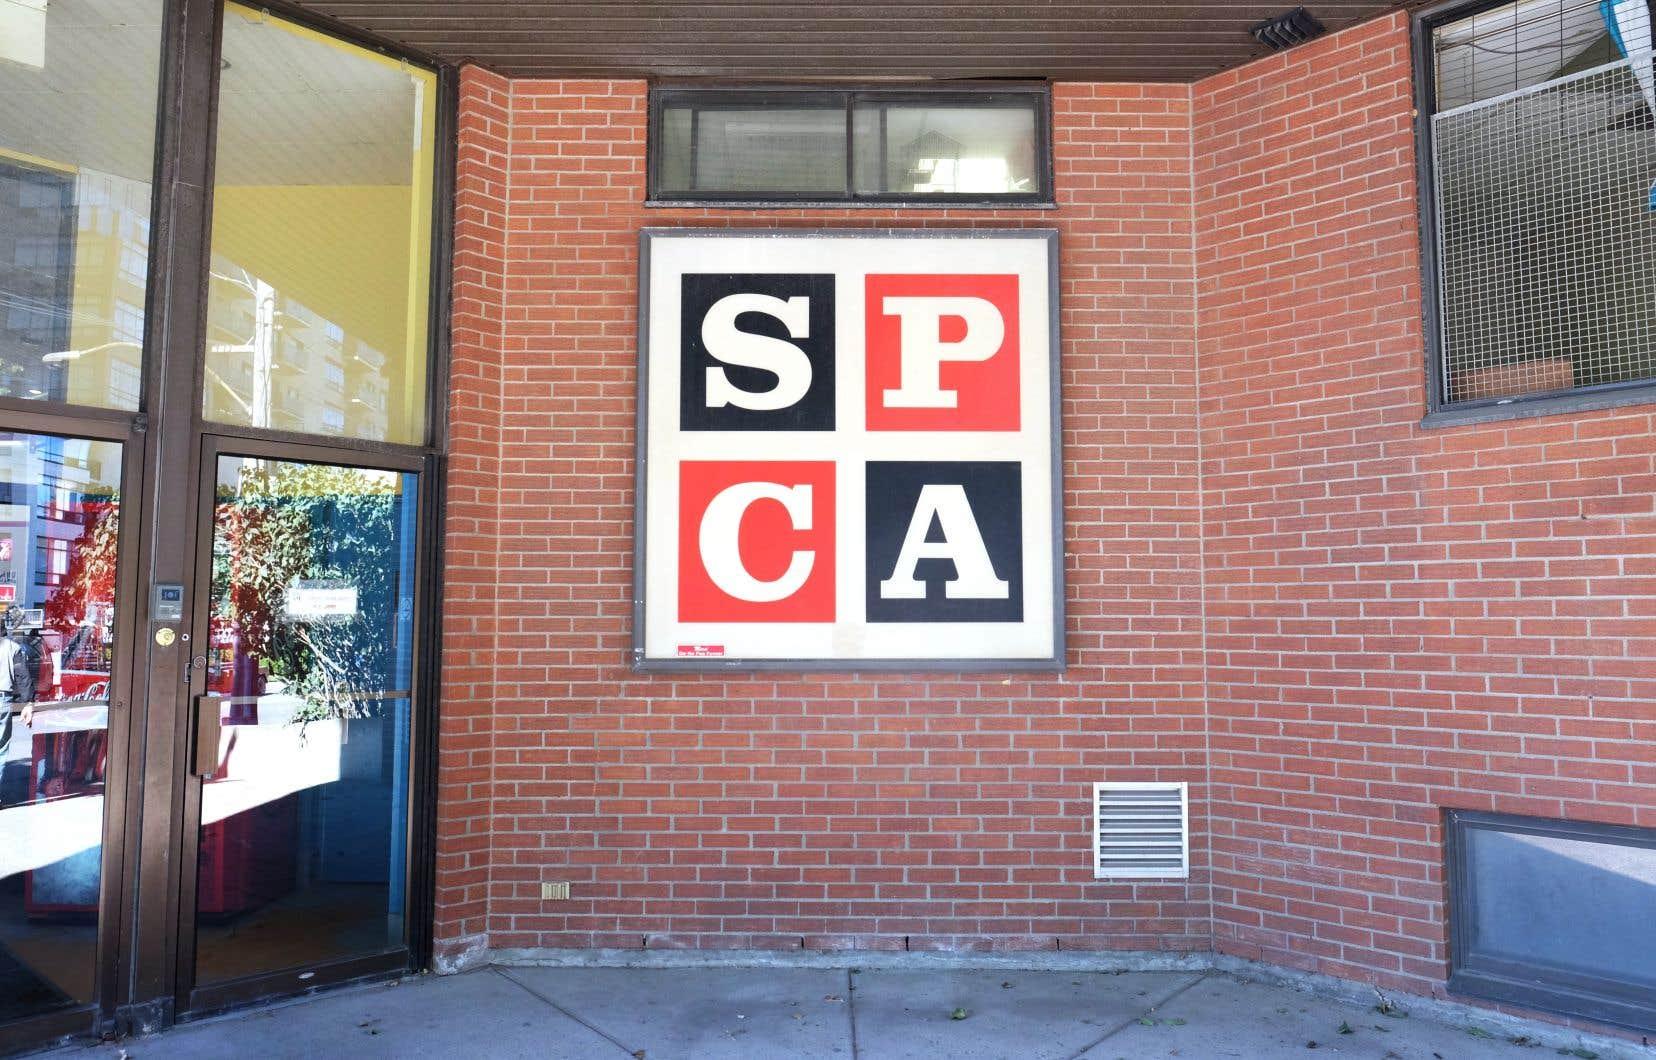 La STM a refusé d'afficher AniMAL, première campagne publicitaire menée par la SPCA.